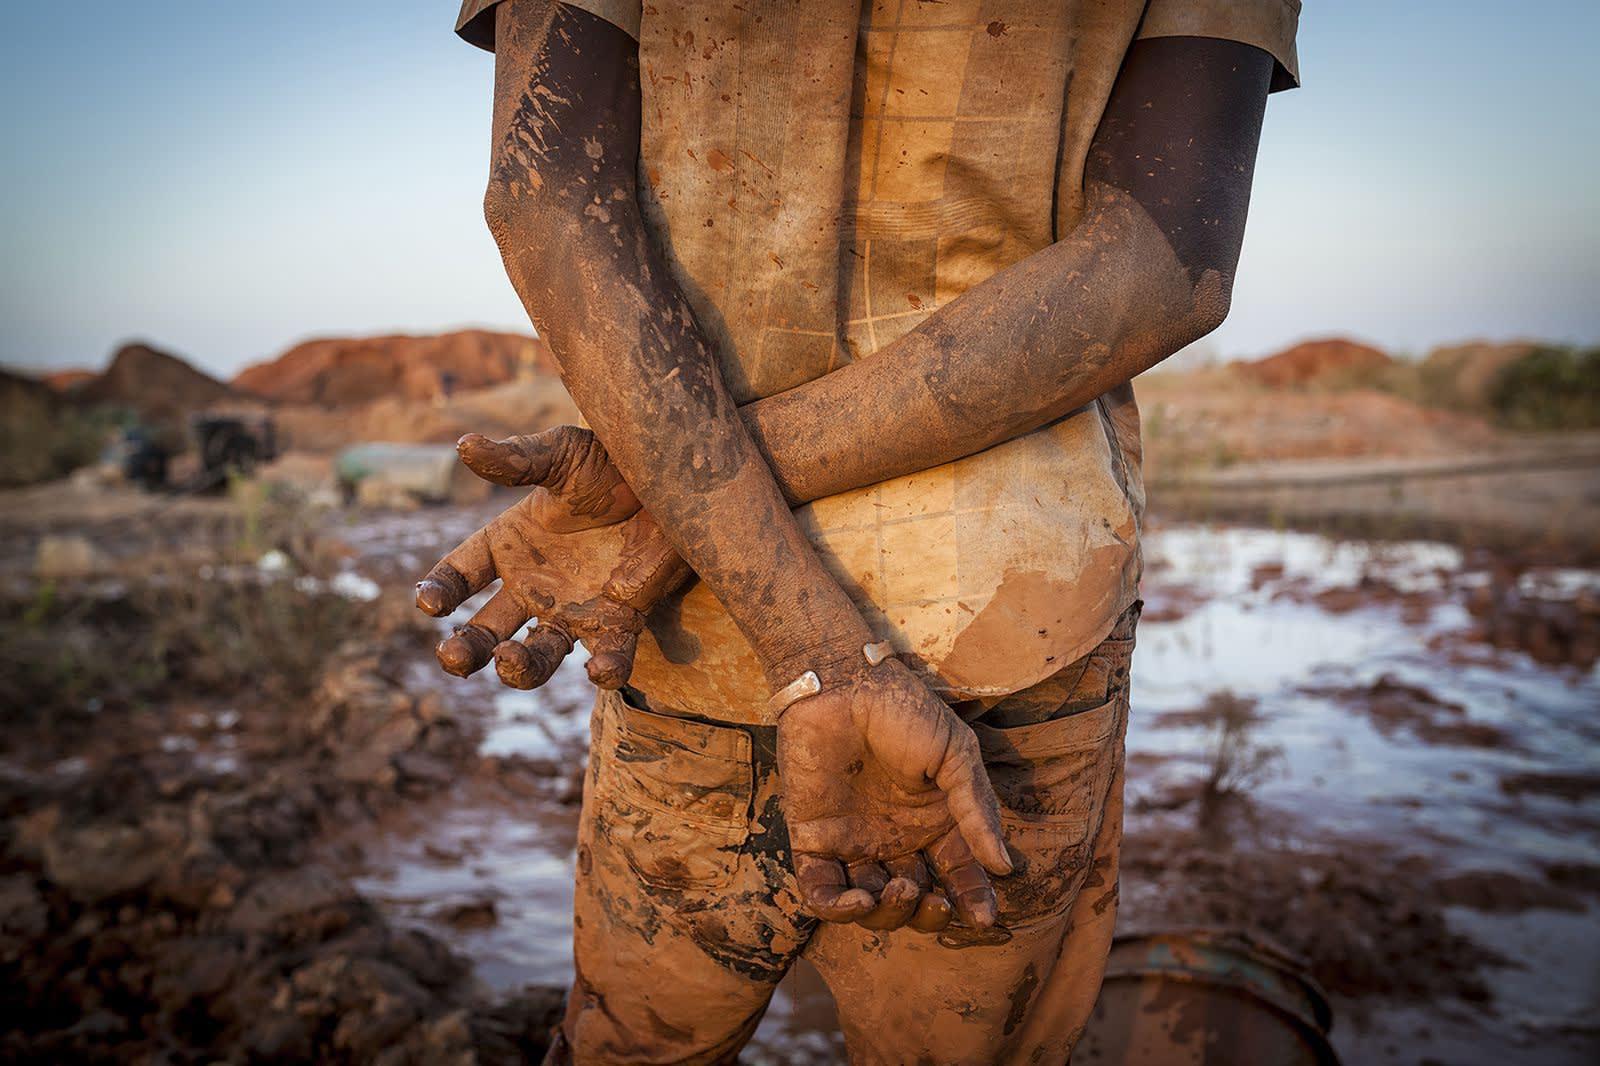 Matjaž Krivic, Digging the Future #9, 2015